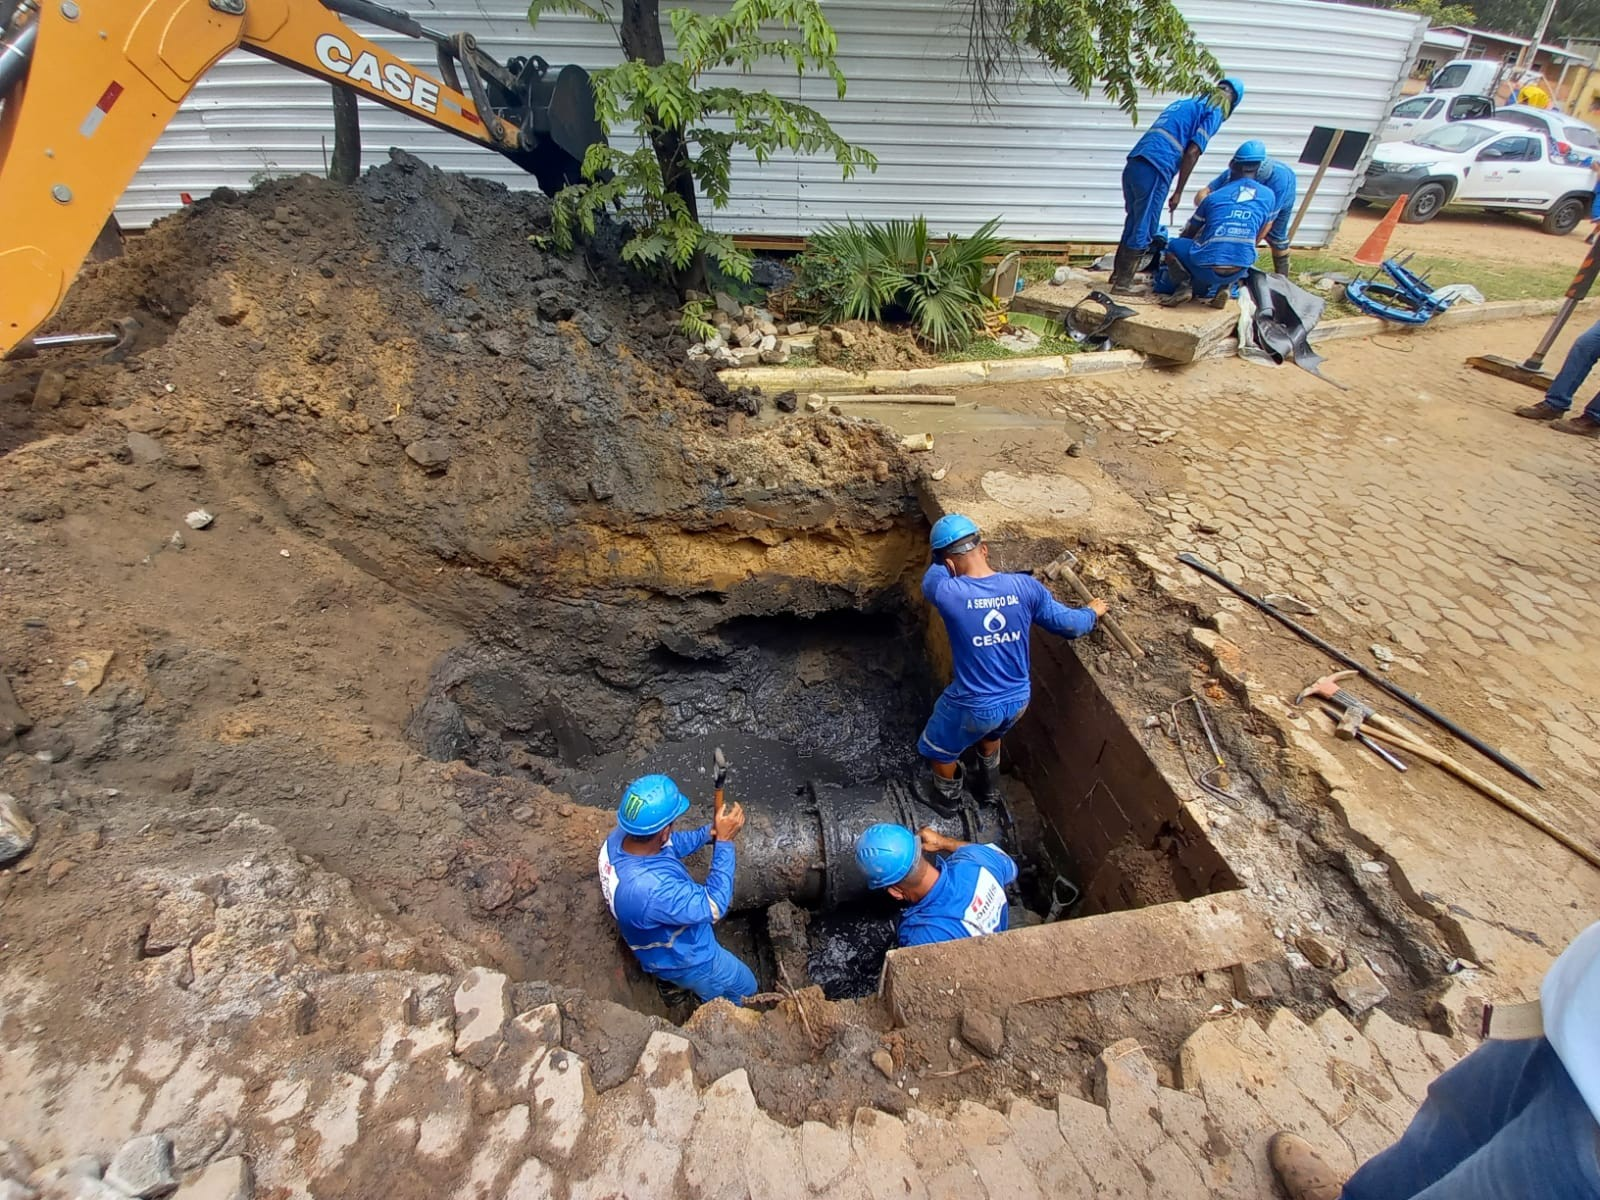 Abastecimento de água é retomado em Vila Velha, ES, diz Cesan